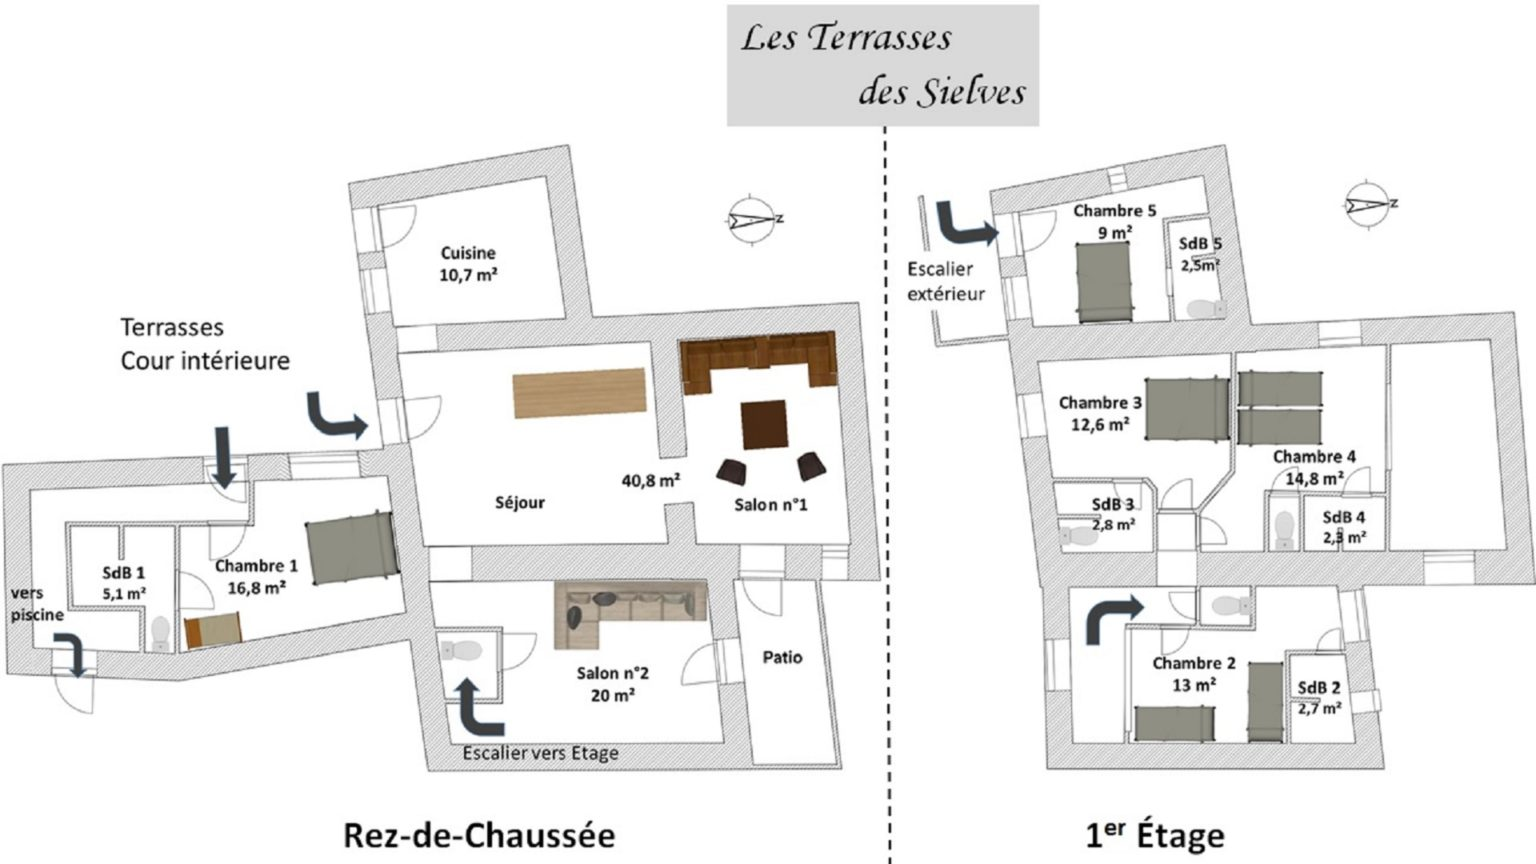 Plan des locaux Plan of the premises